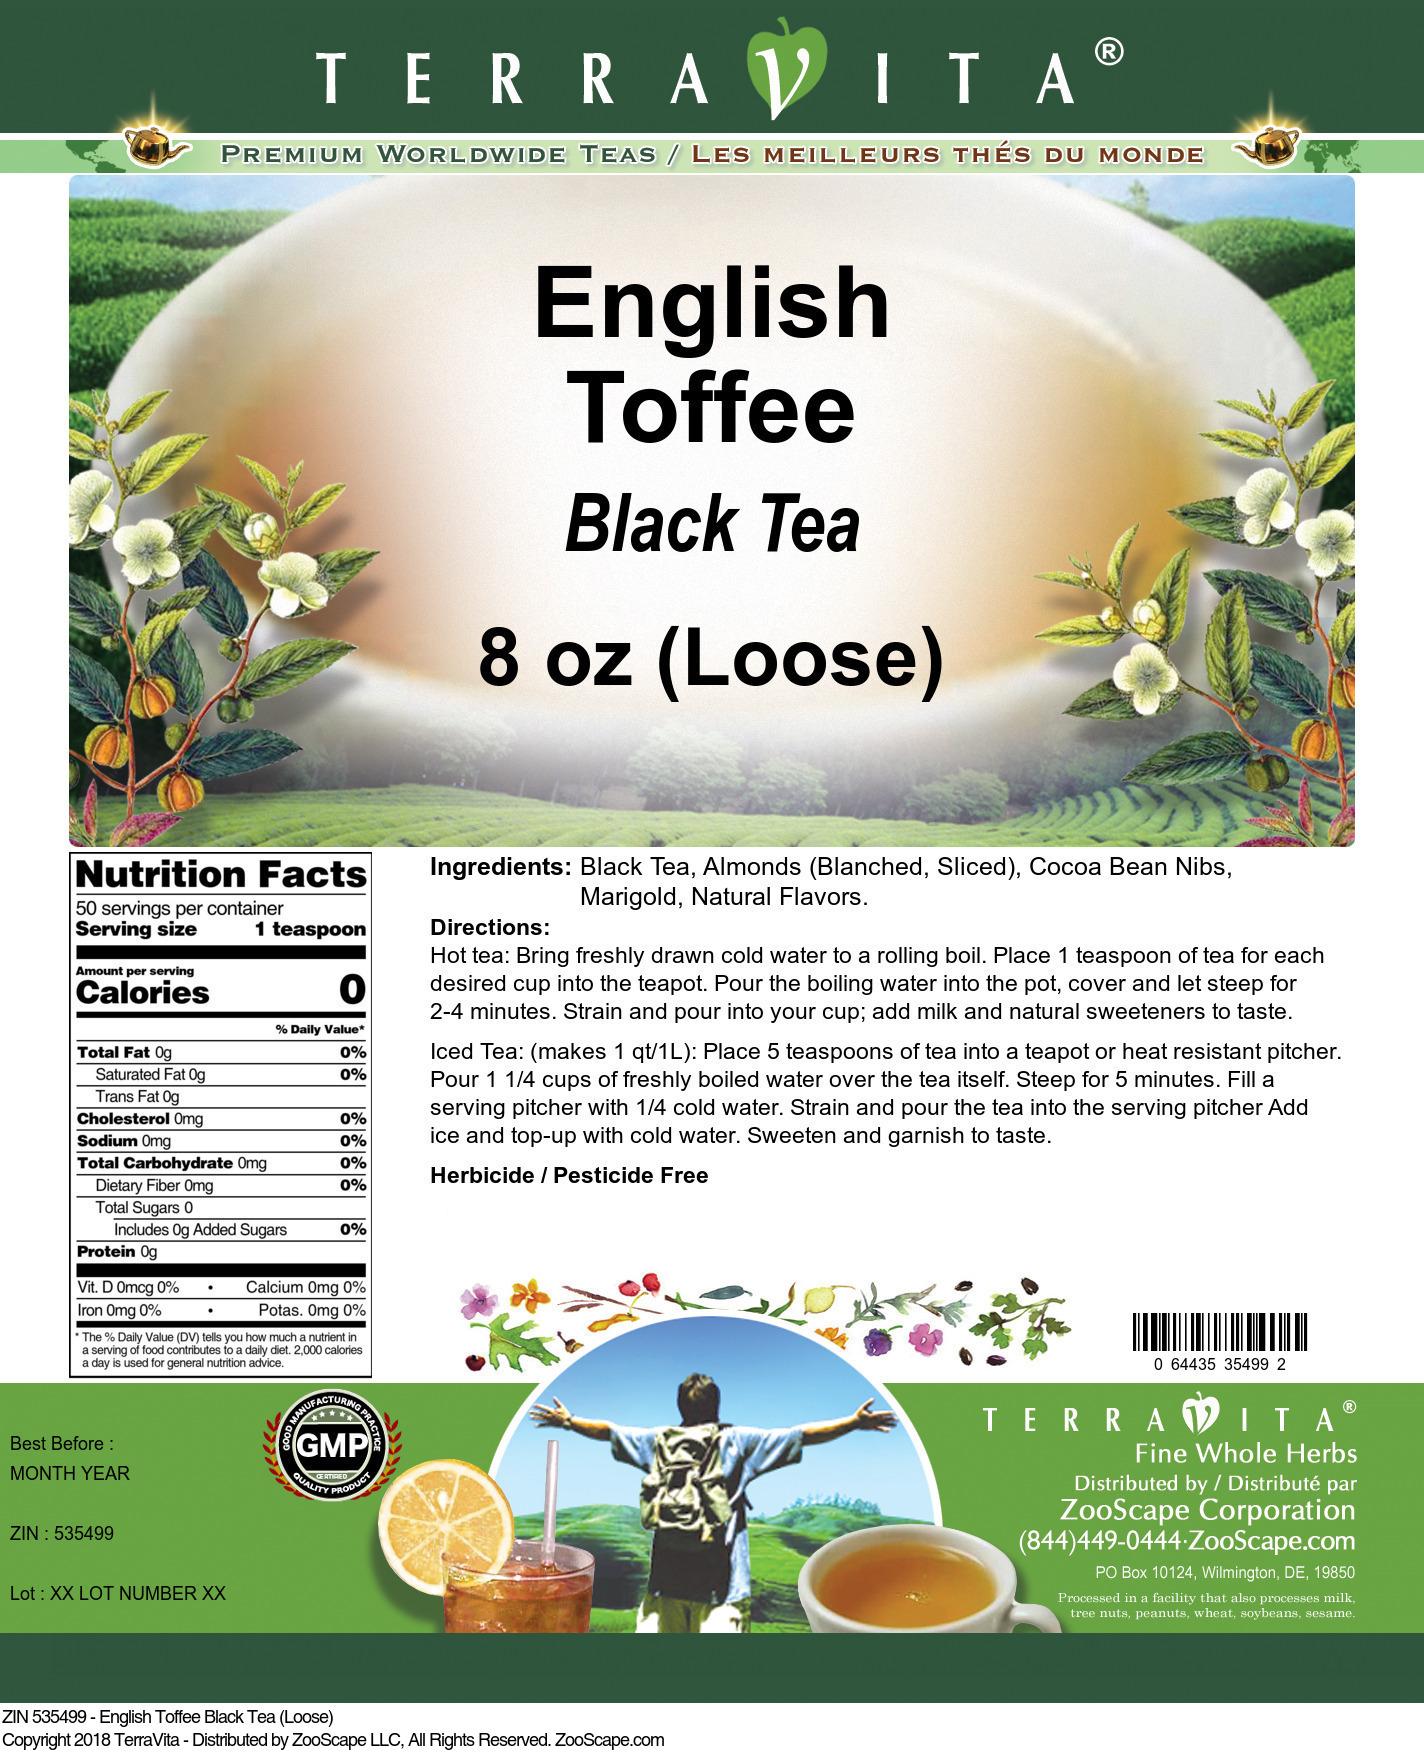 English Toffee Black Tea (Loose)